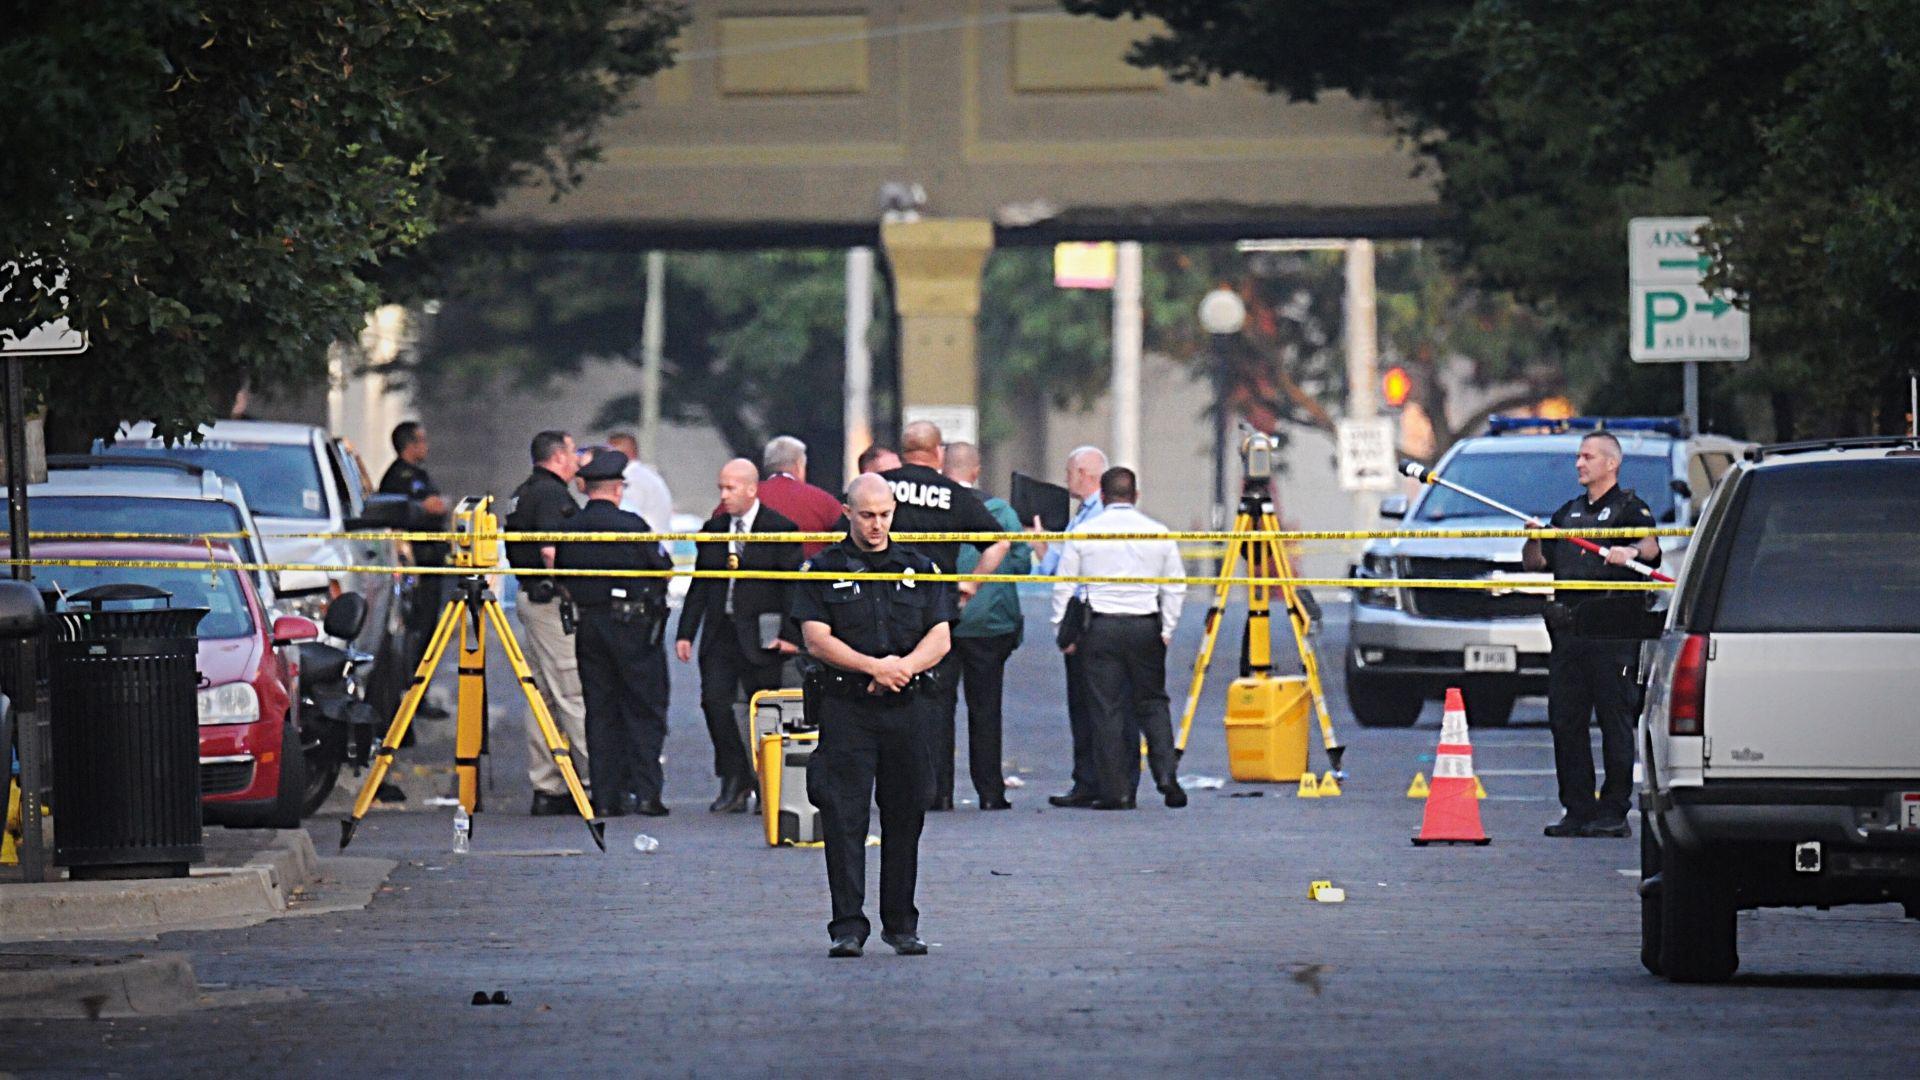 Няма пострадали българи при стрелбата в Дейтън